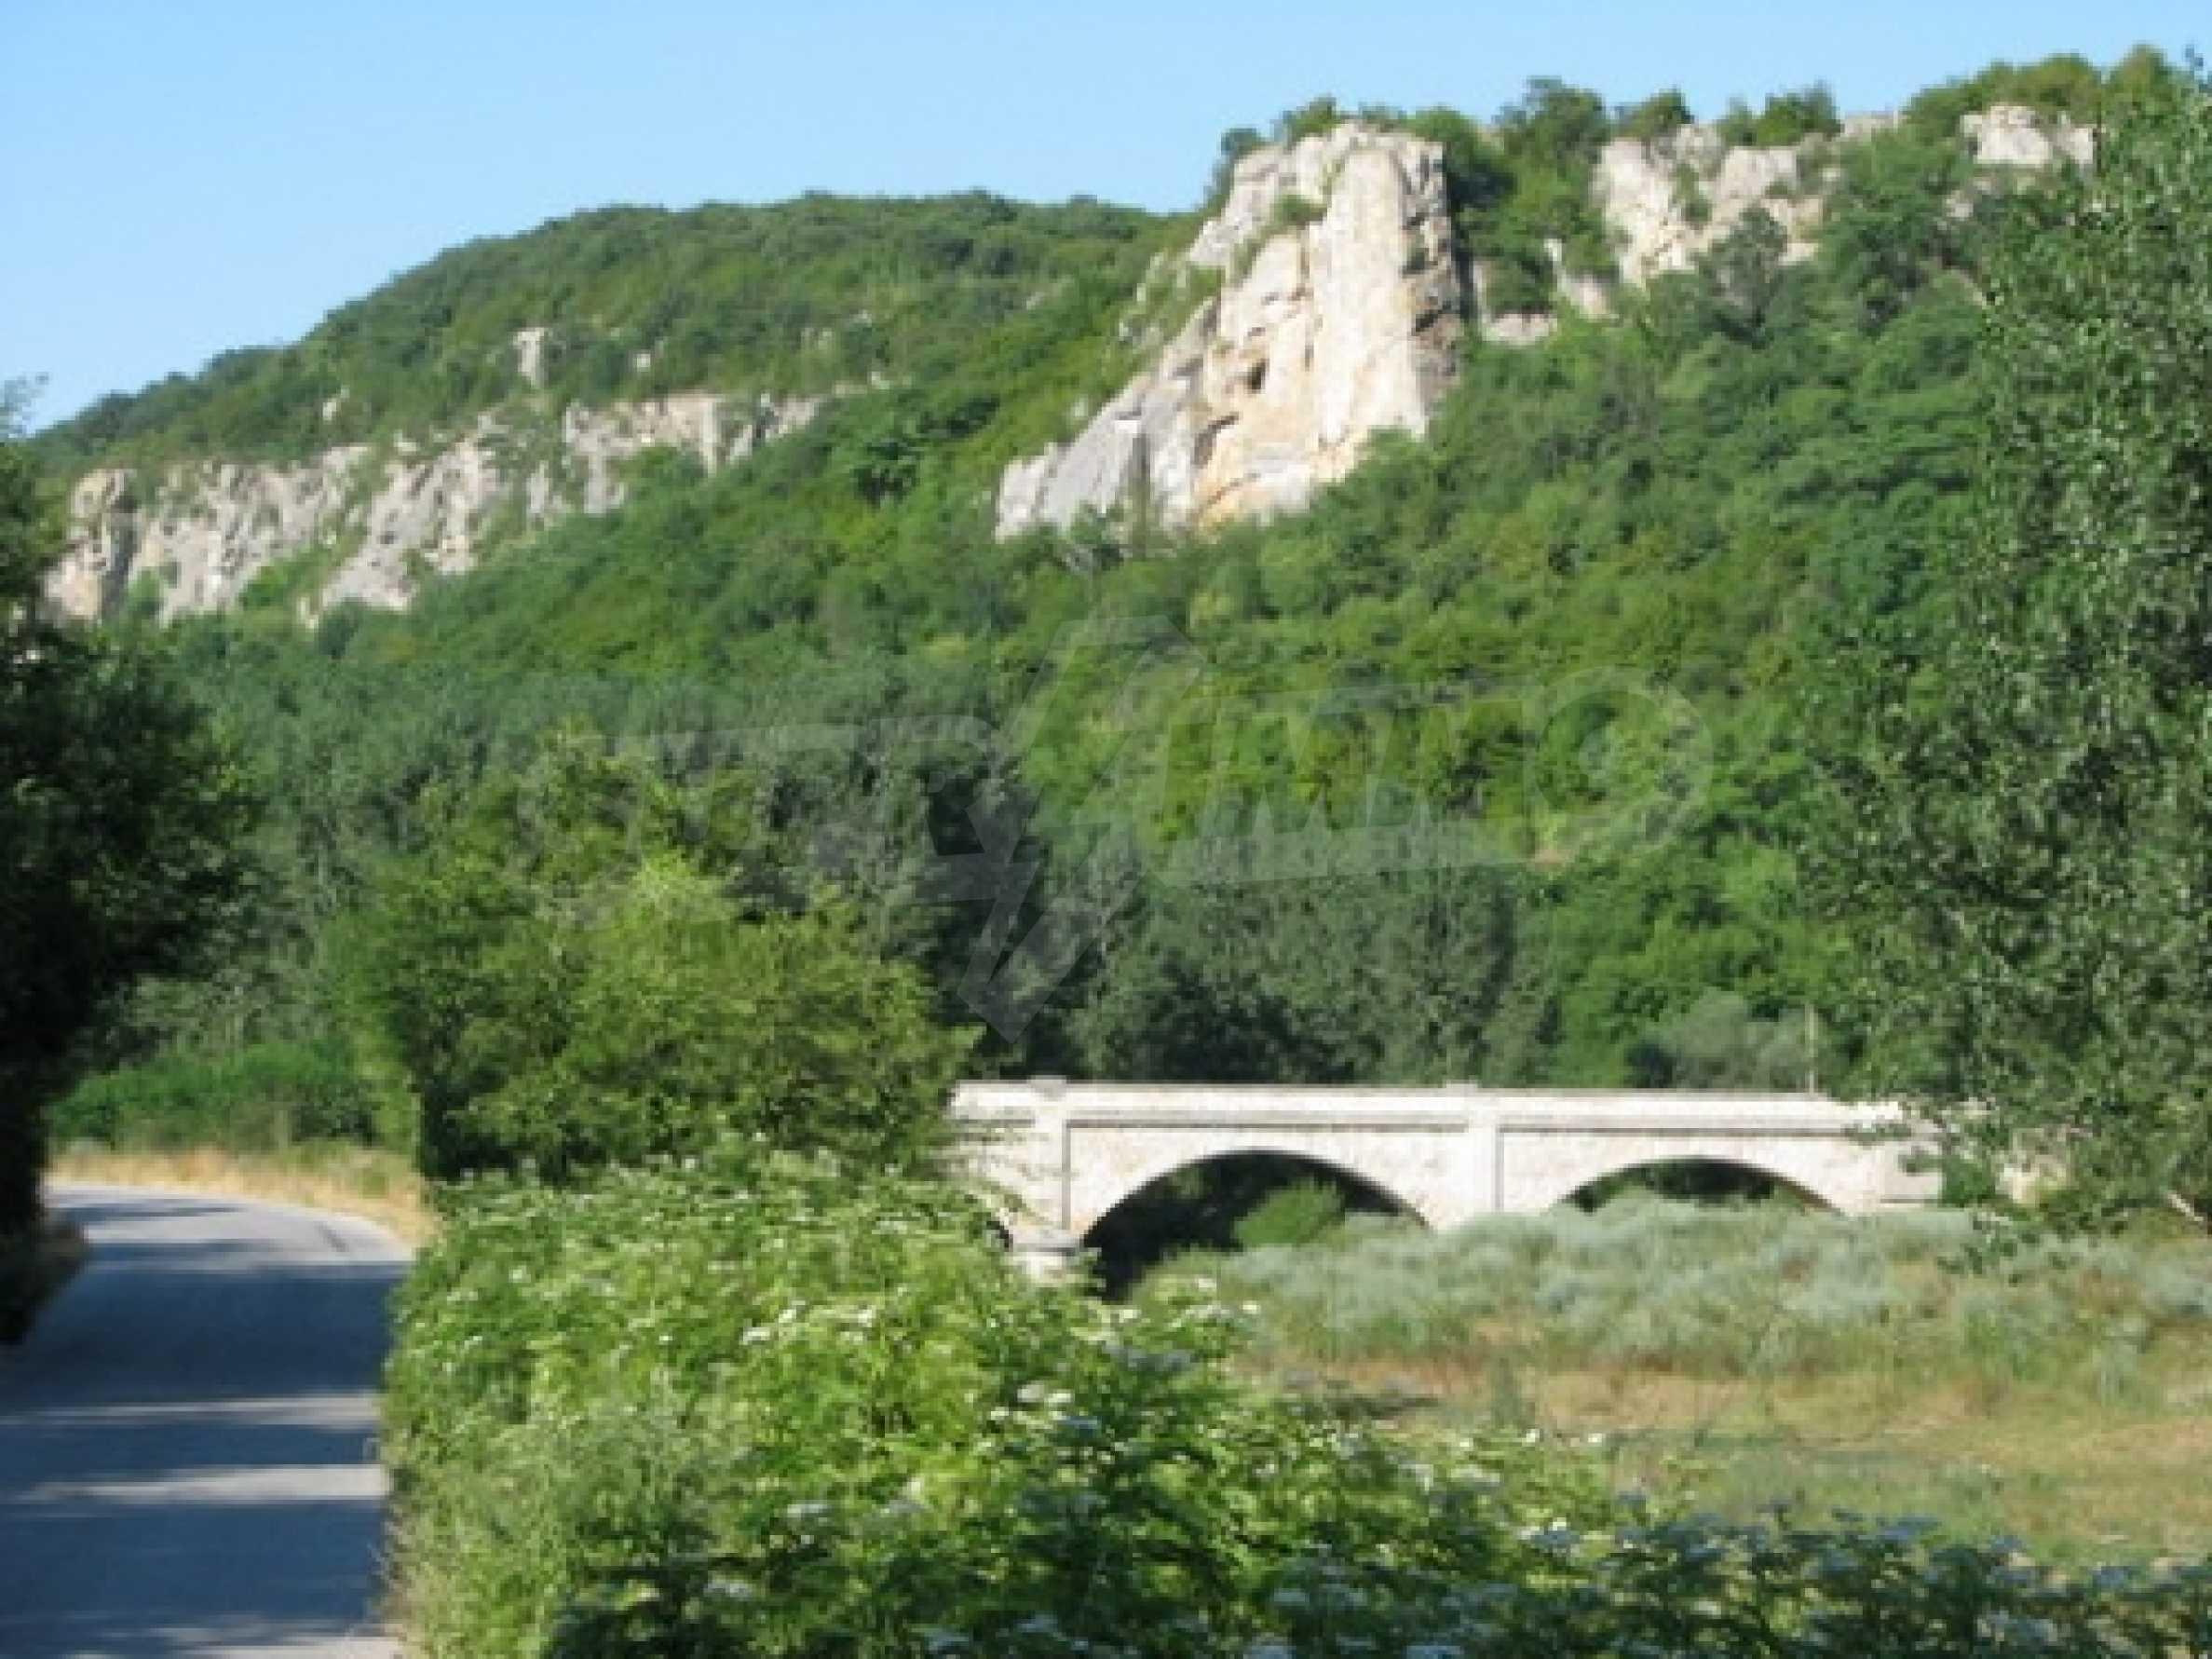 Geregeltes Grundstück im Dorf Shirokovo, Rousse für den Wohnungsbau geeignet 2